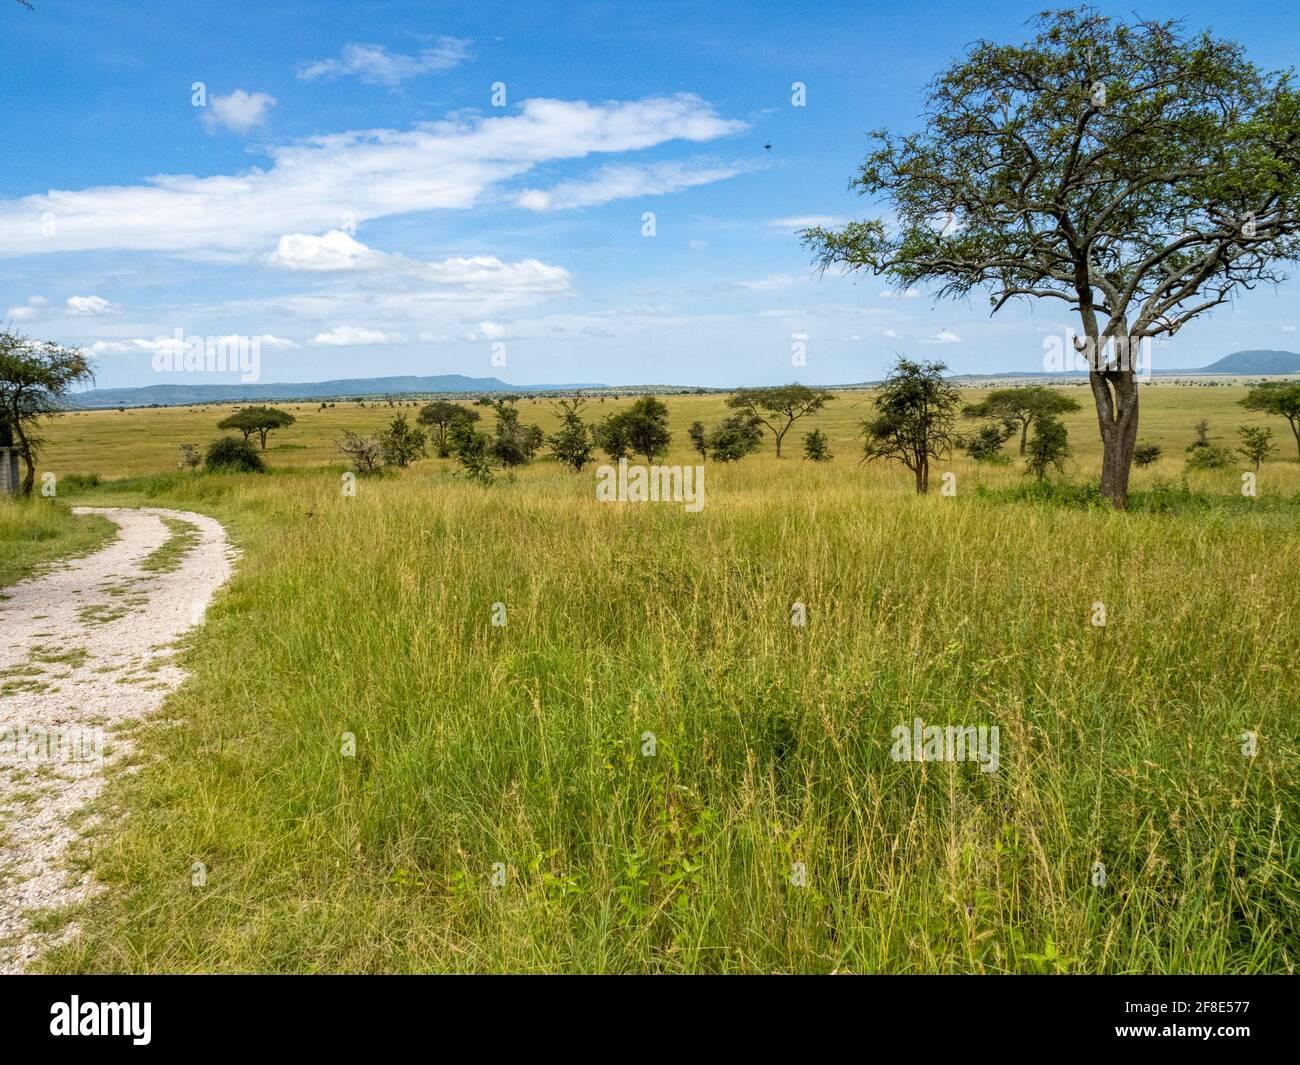 Parc national du Serengeti, Tanzanie, Afrique - 29 février 2020 : arbre dans les prairies du Serengeti Banque D'Images